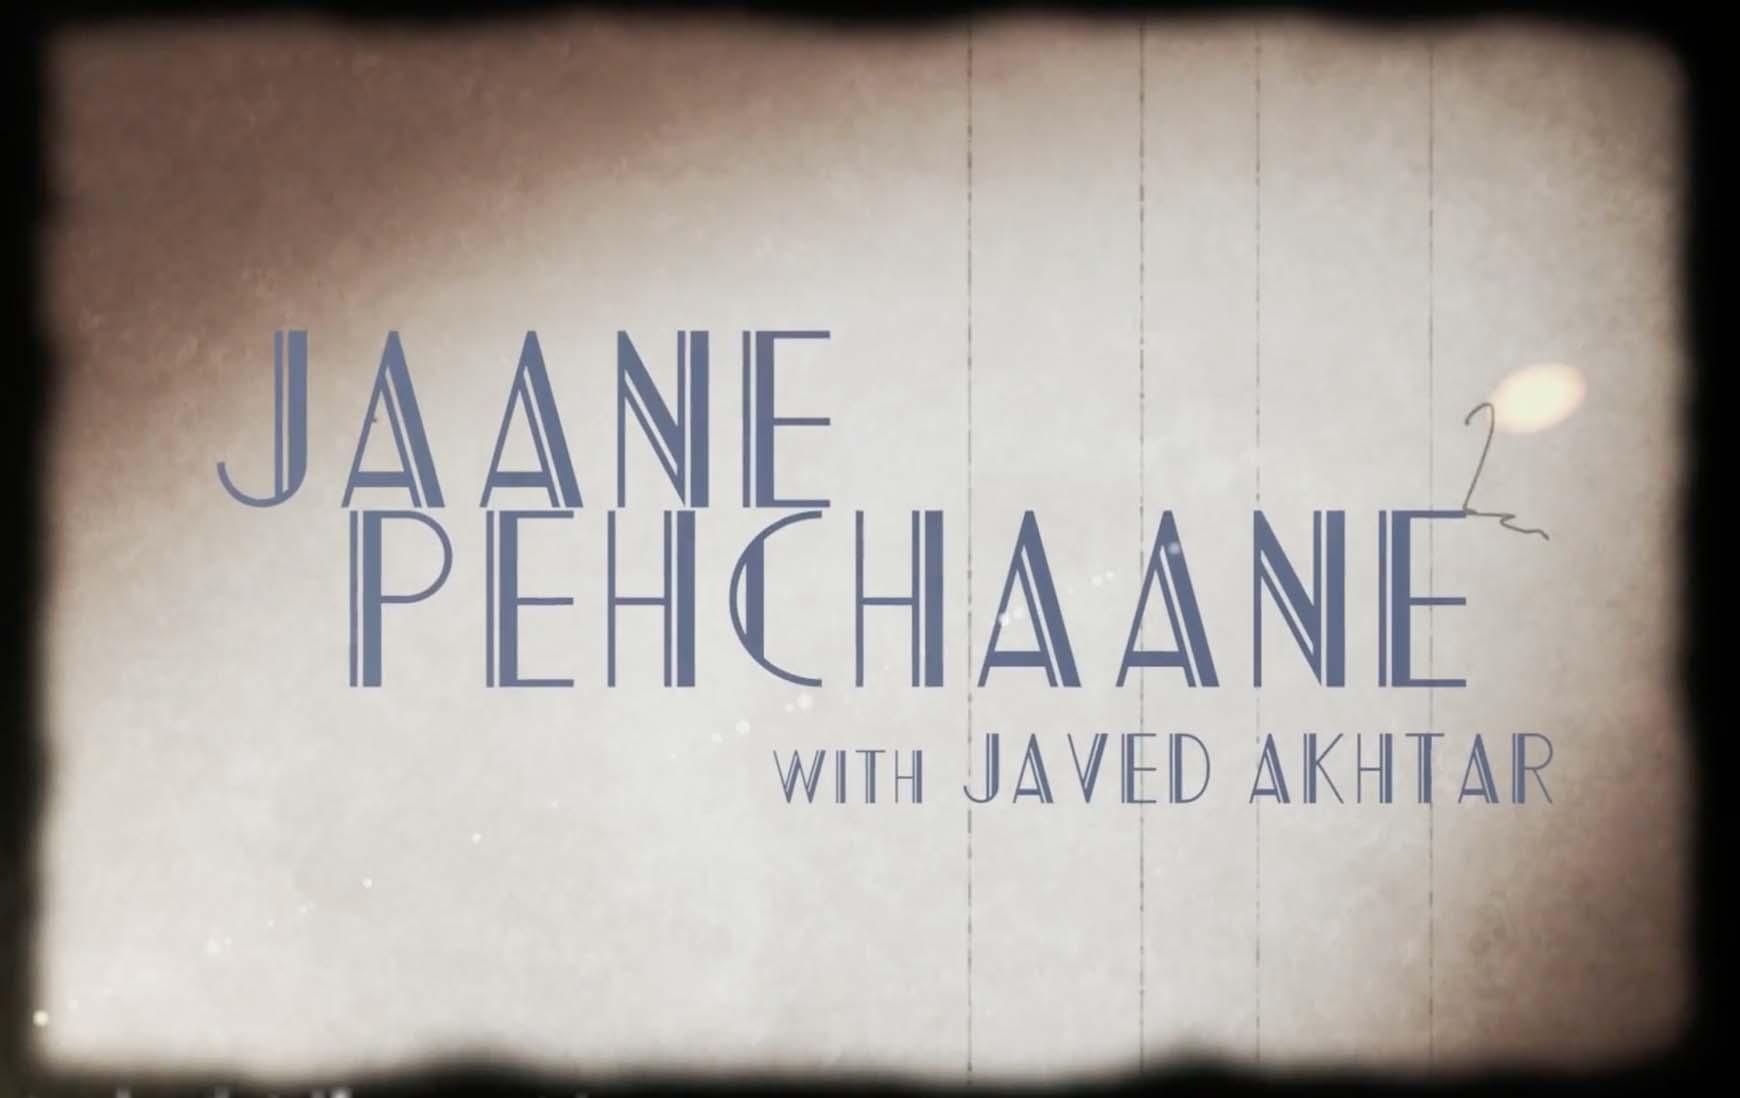 Jaane Pehchaane